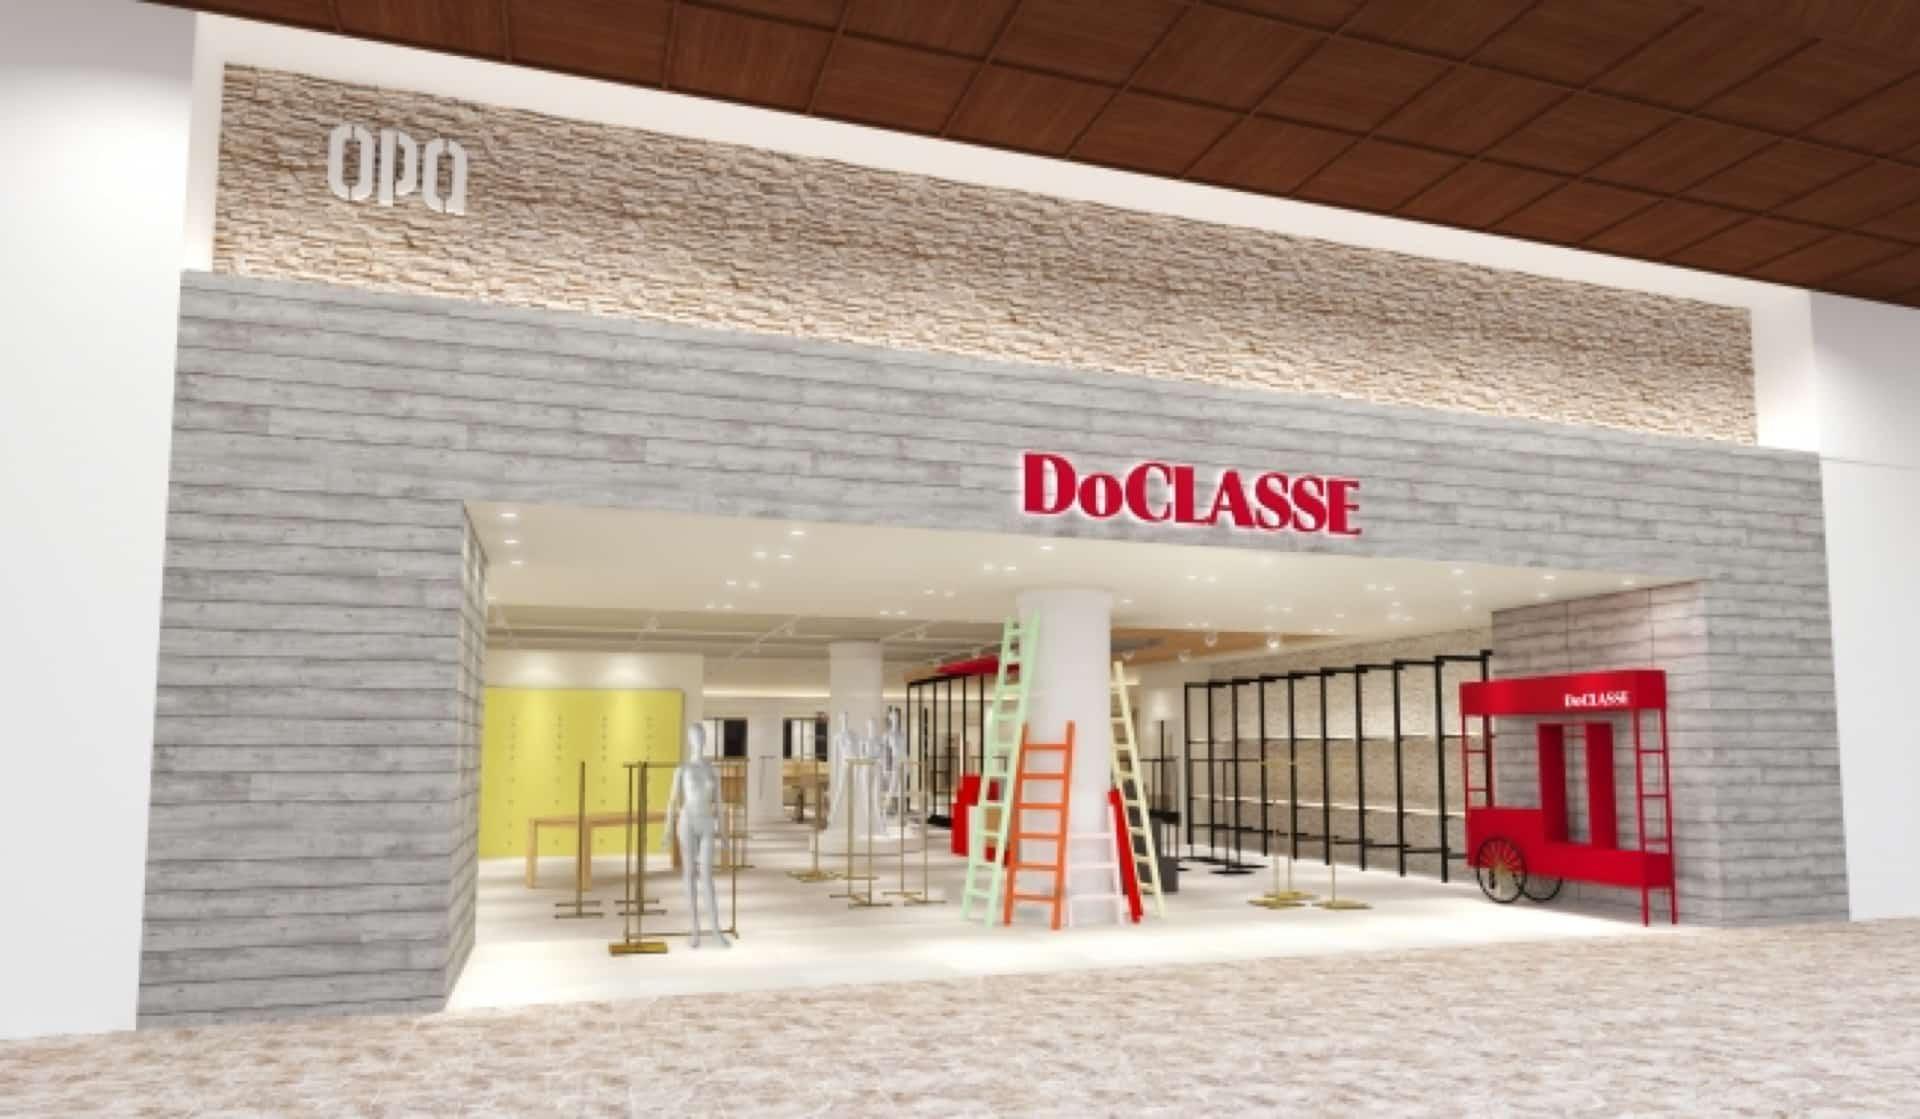 「銀座ワシントン靴店」跡地に「DoCLASSE 神戸三宮センター街店」がオープン!西日本最大規模の旗艦店